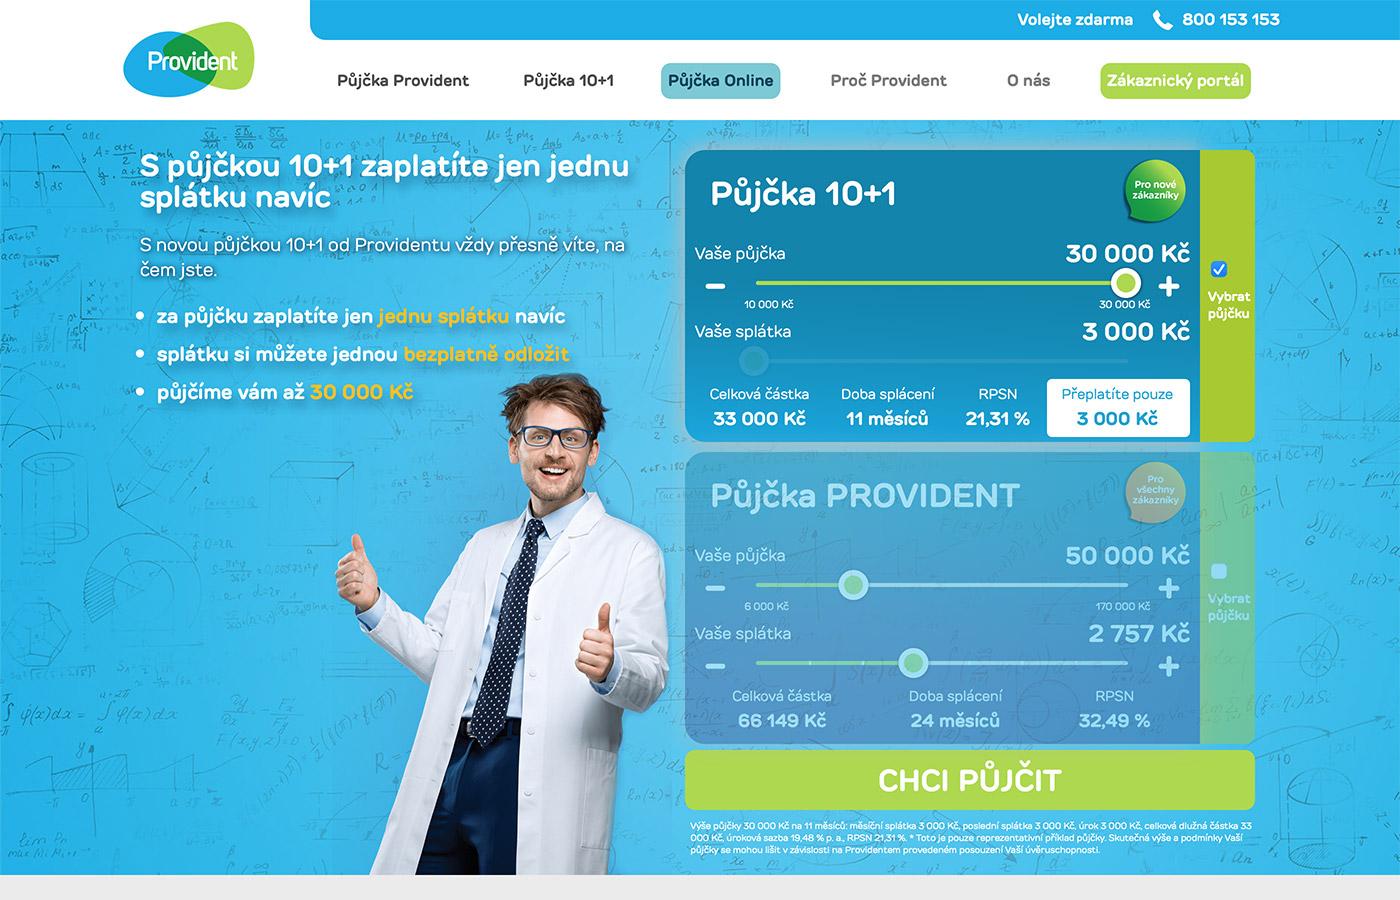 Náhled webových stránek www.provident.cz/pujcky/pujcka-10-1